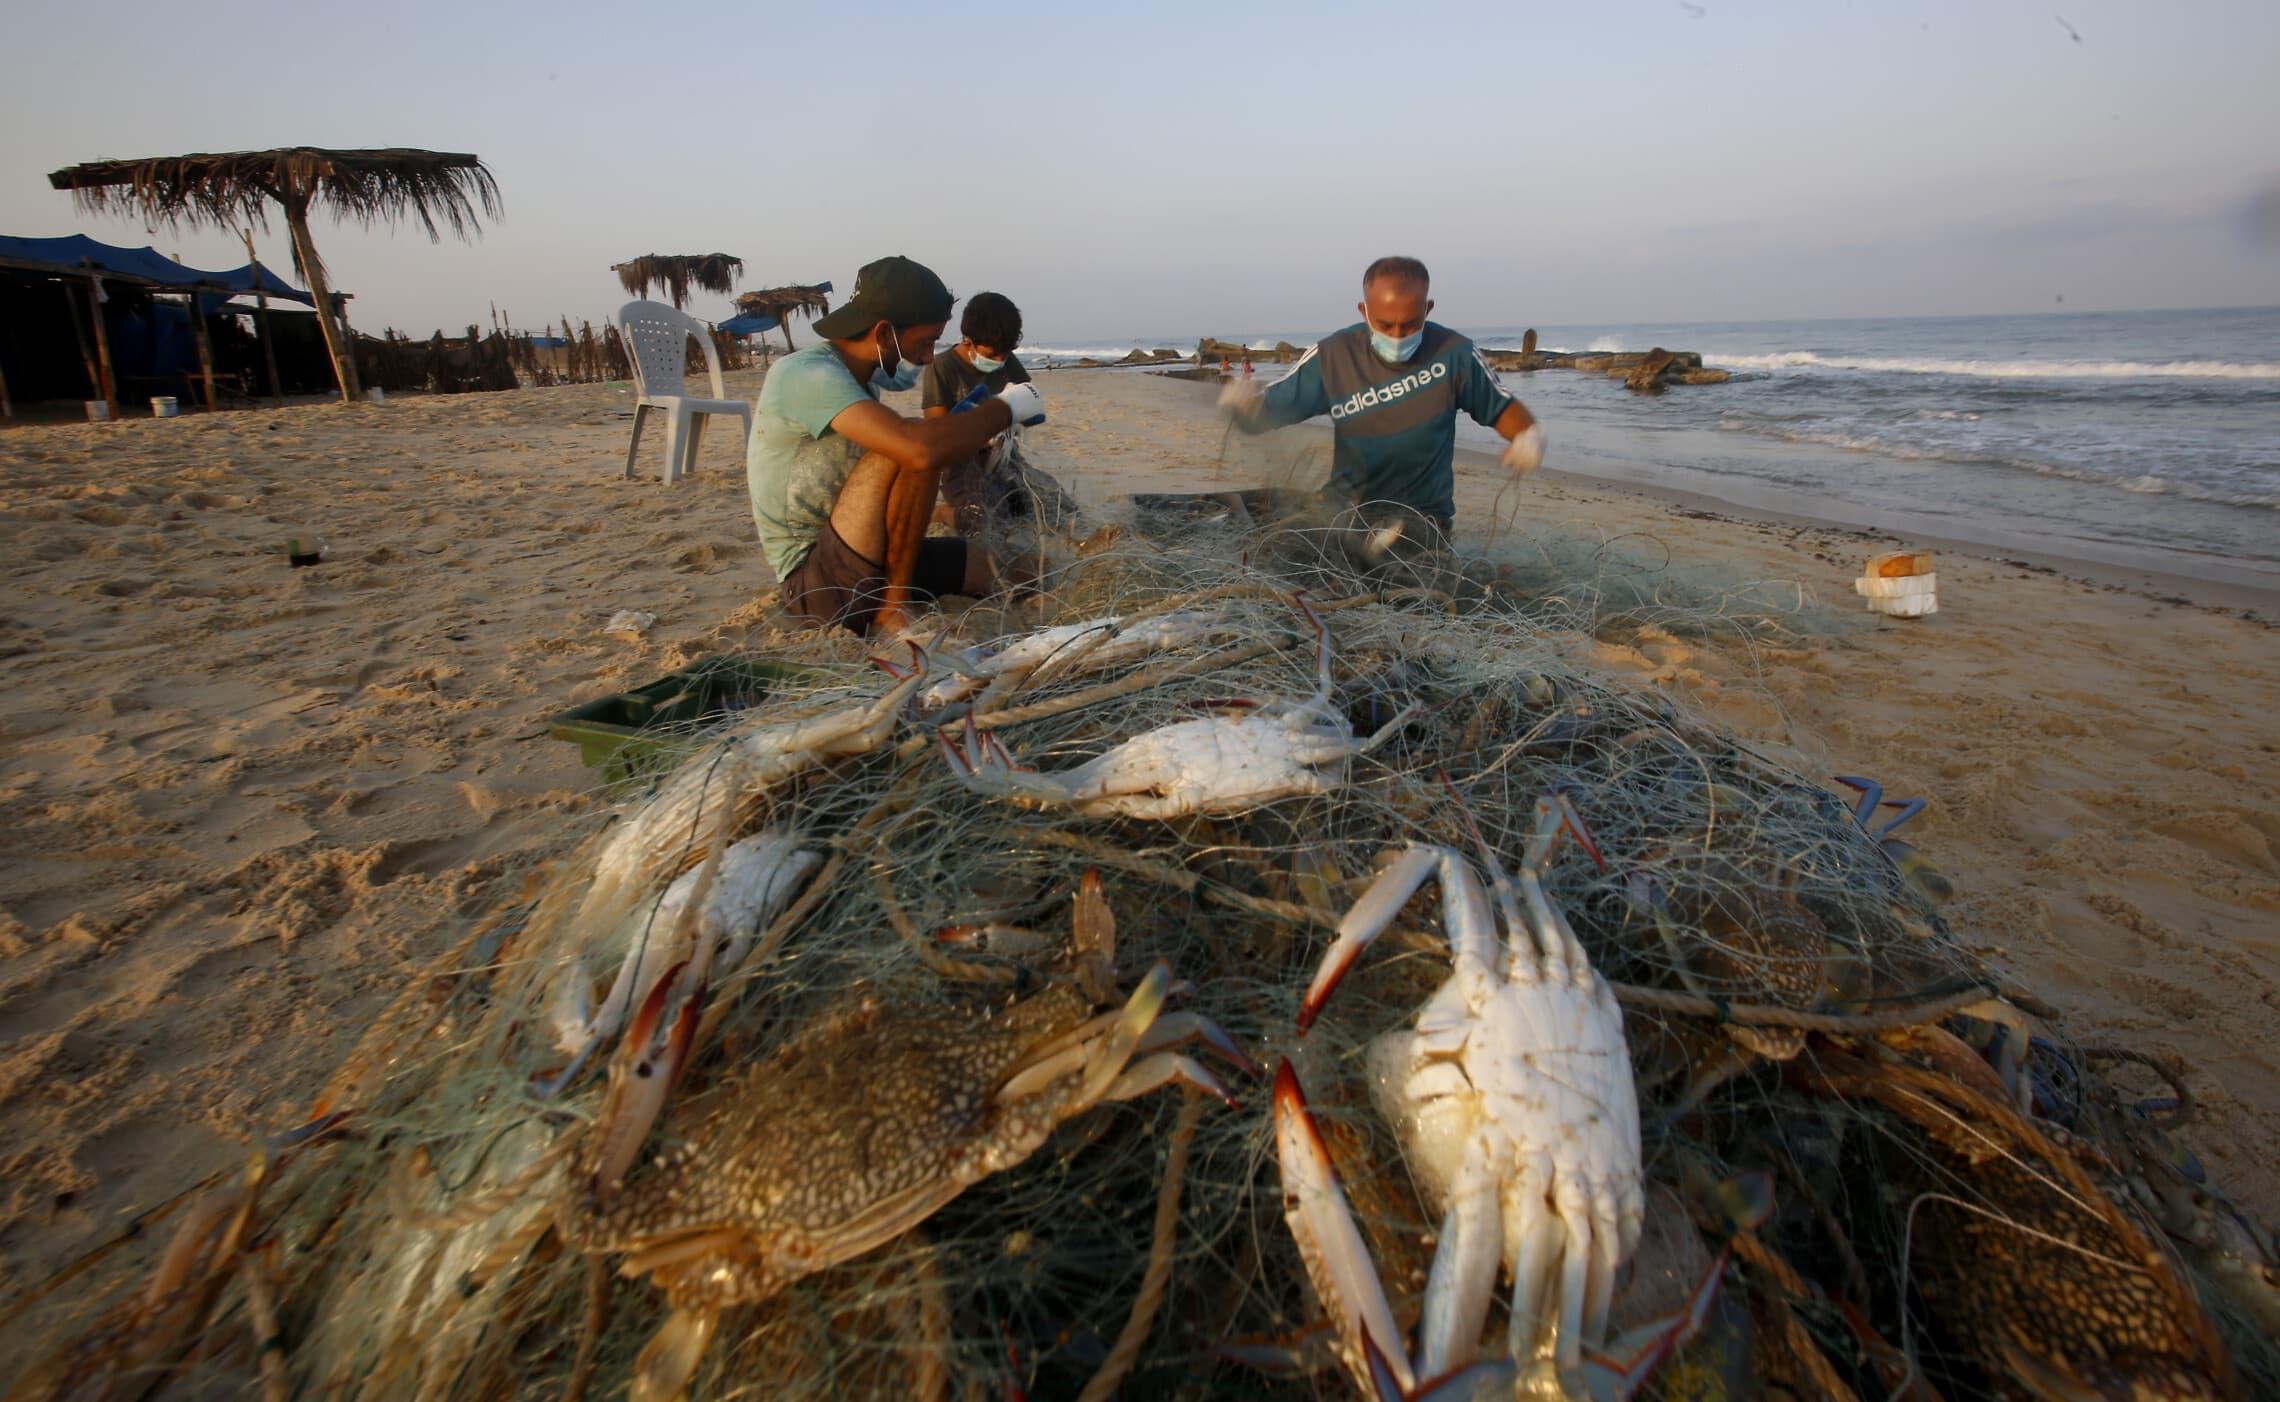 החיים בעזה: דייגים עוטים מסכות במהלך מגפת הקורונה, ספטמבר 2020 (צילום: AP Photo/Hatem Moussa)